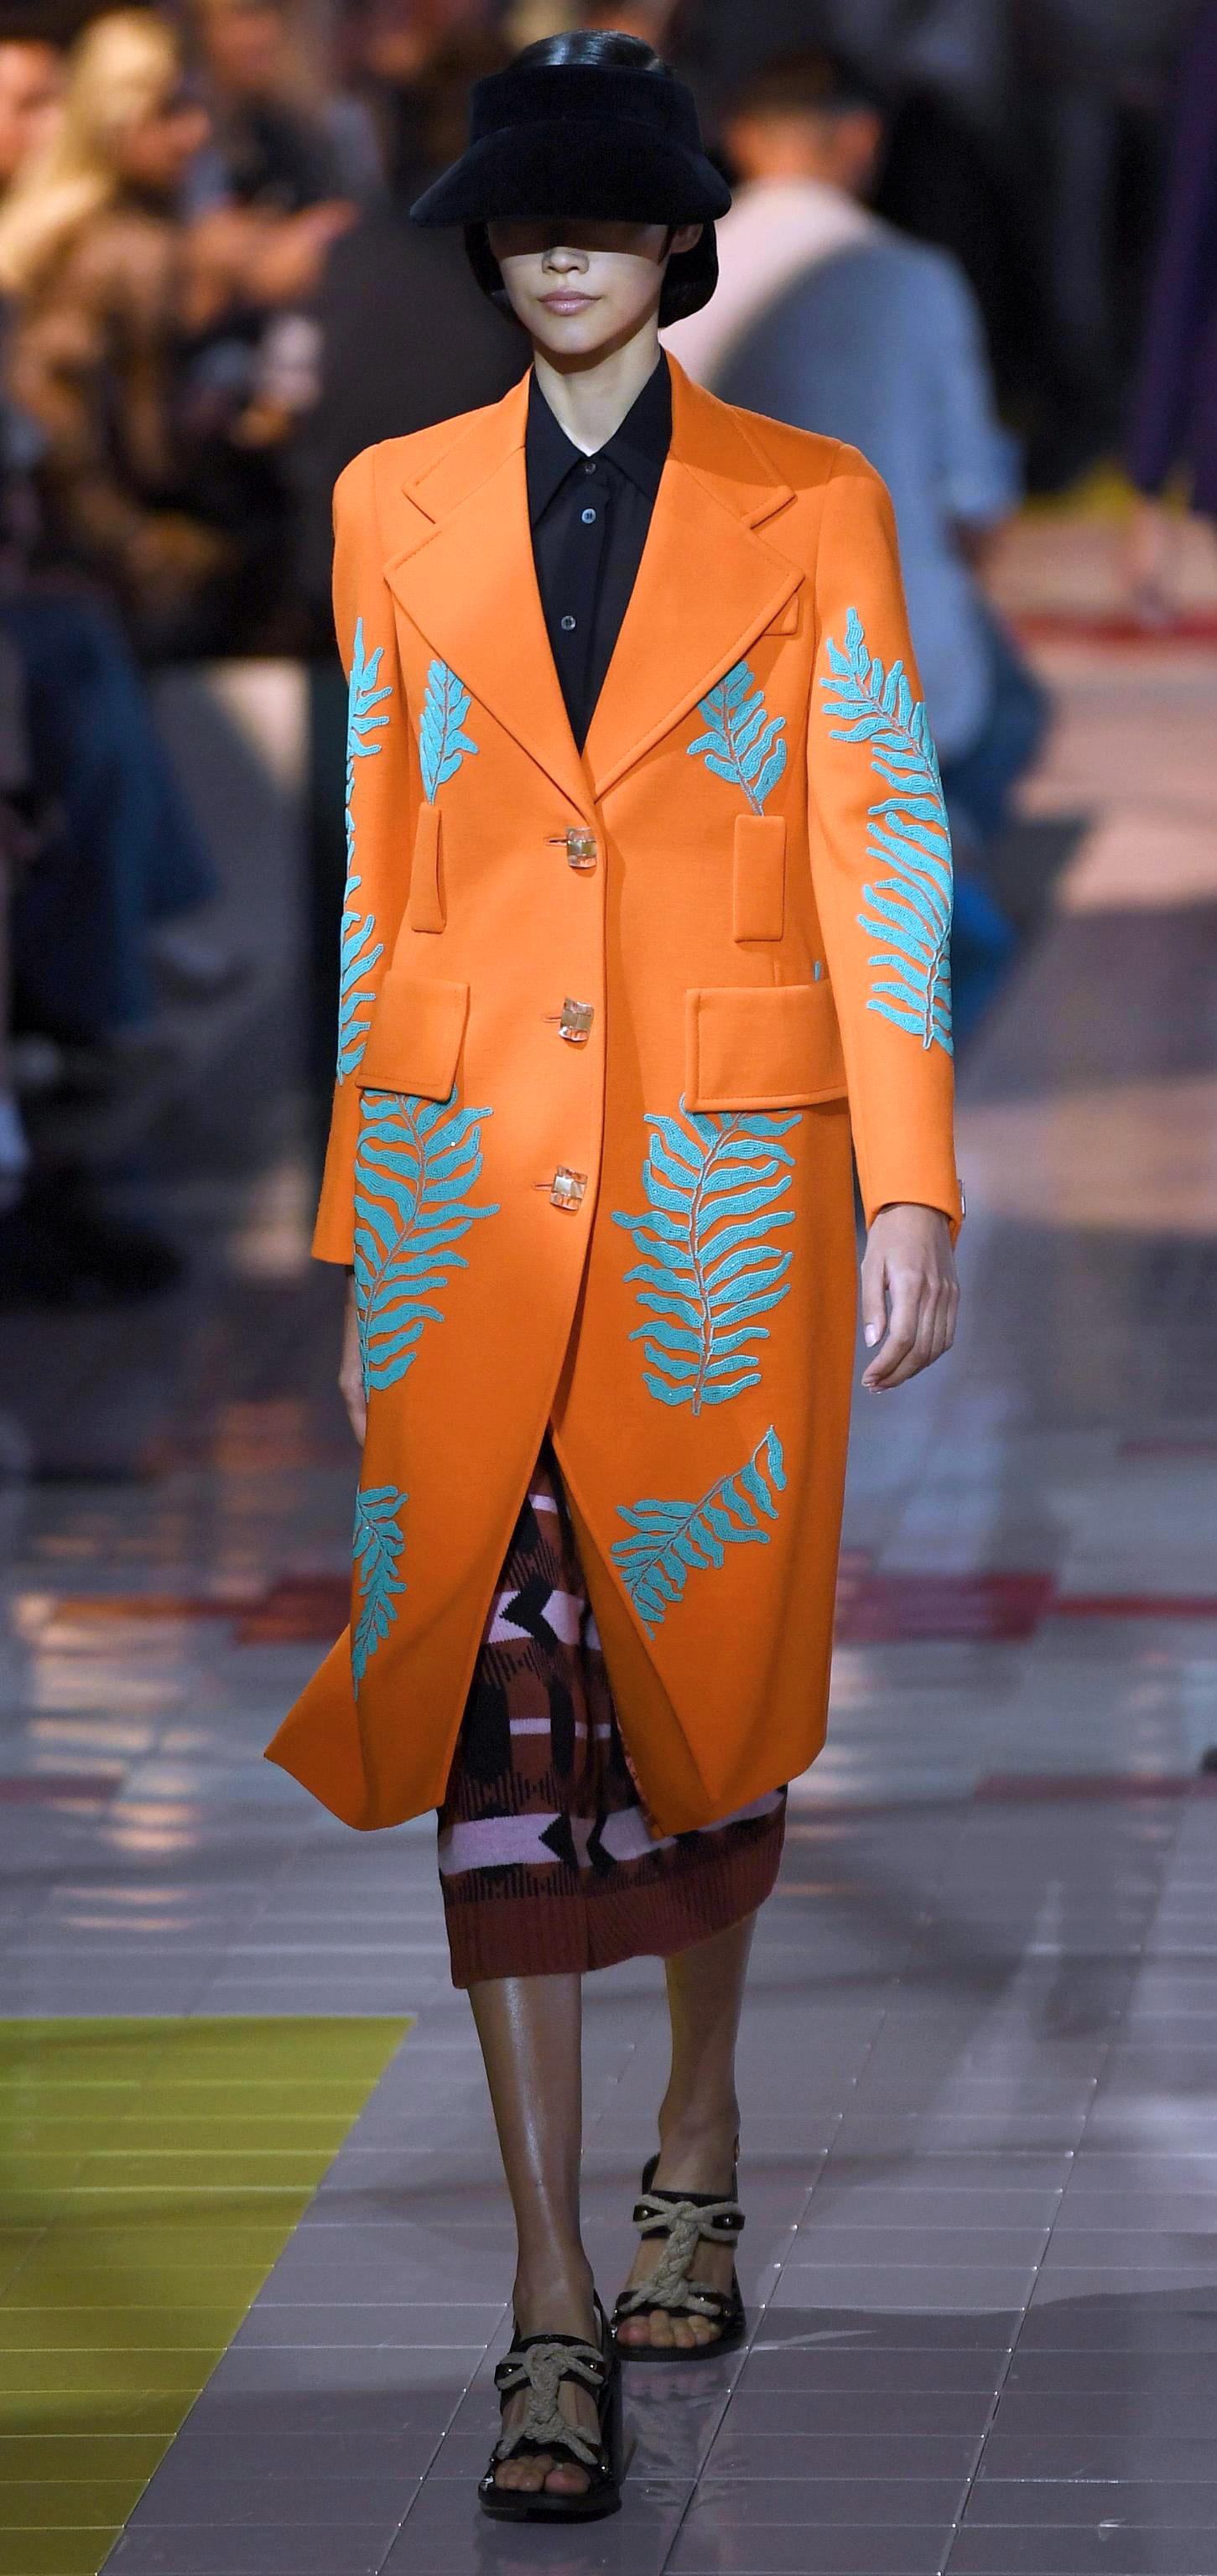 米兰时装周——普拉达品牌时装秀